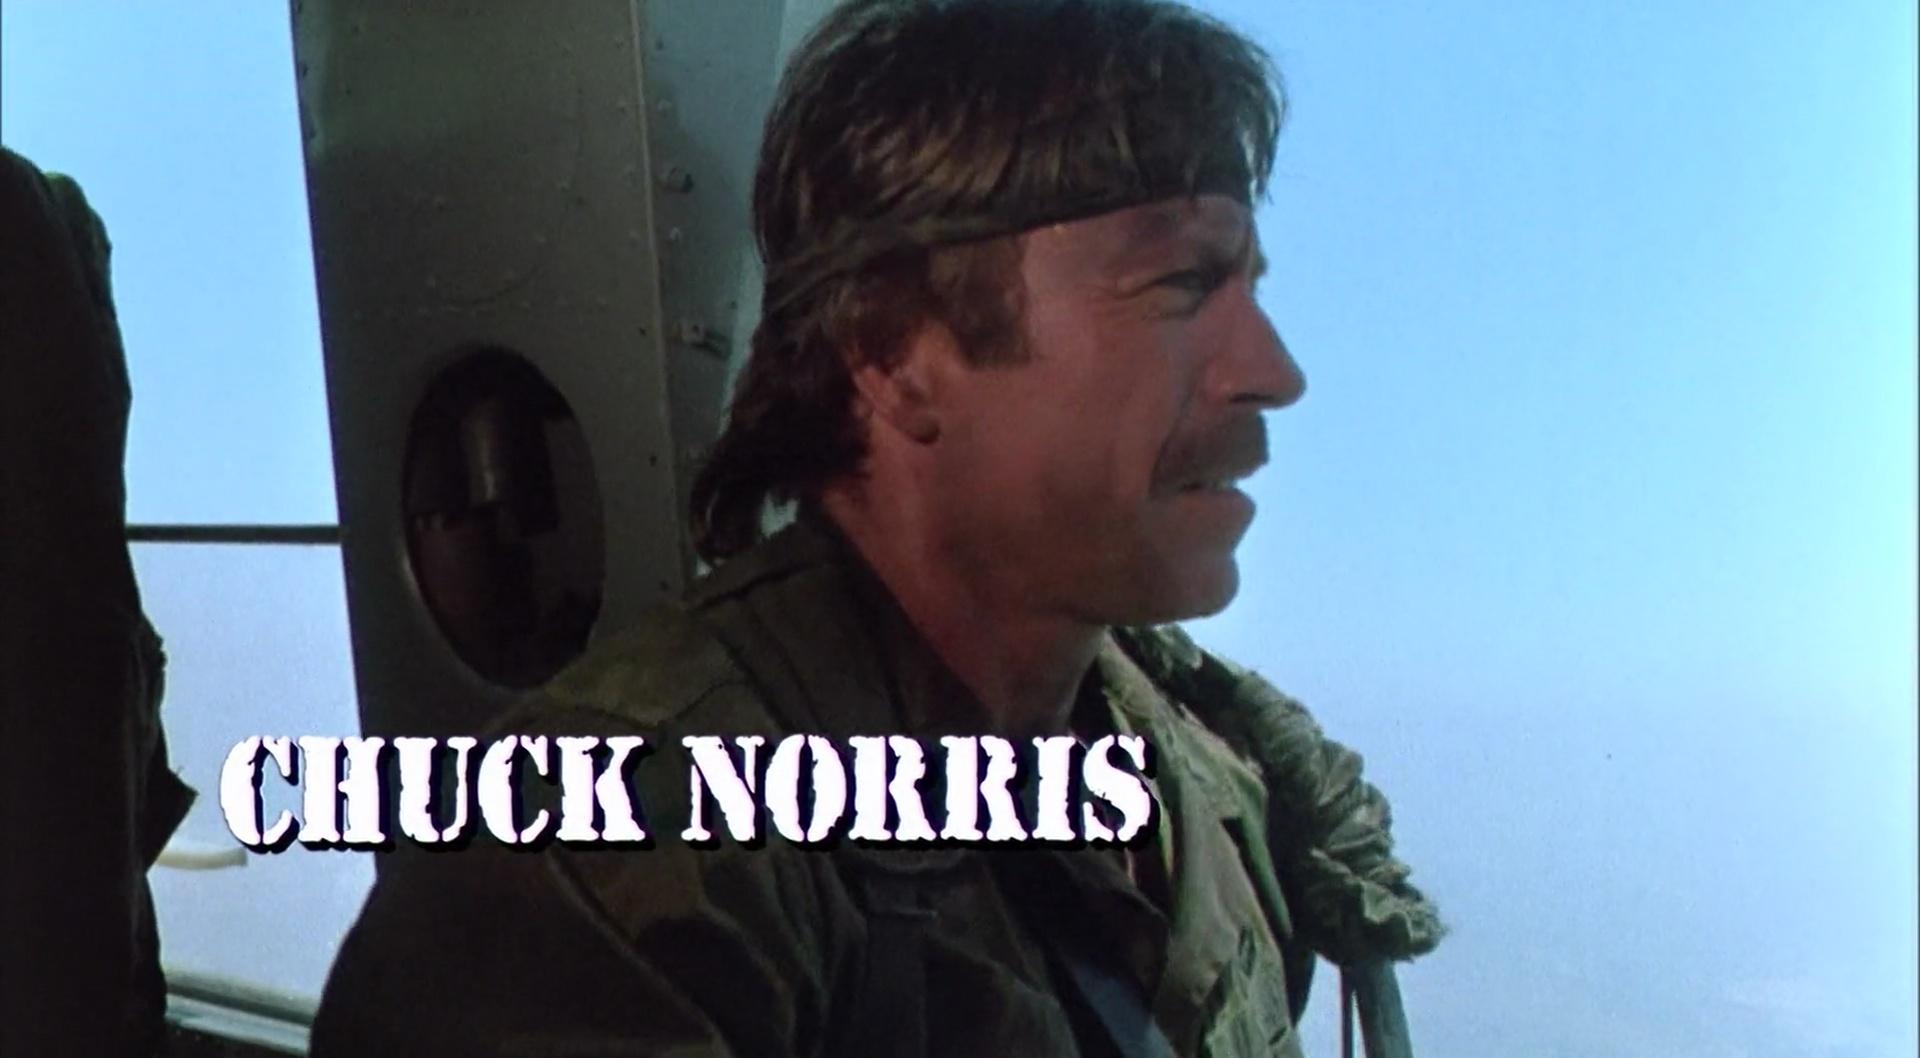 PORTÉS DISPARUS 3 (Braddock Missing in Action III) de Aaron Norris (1988)